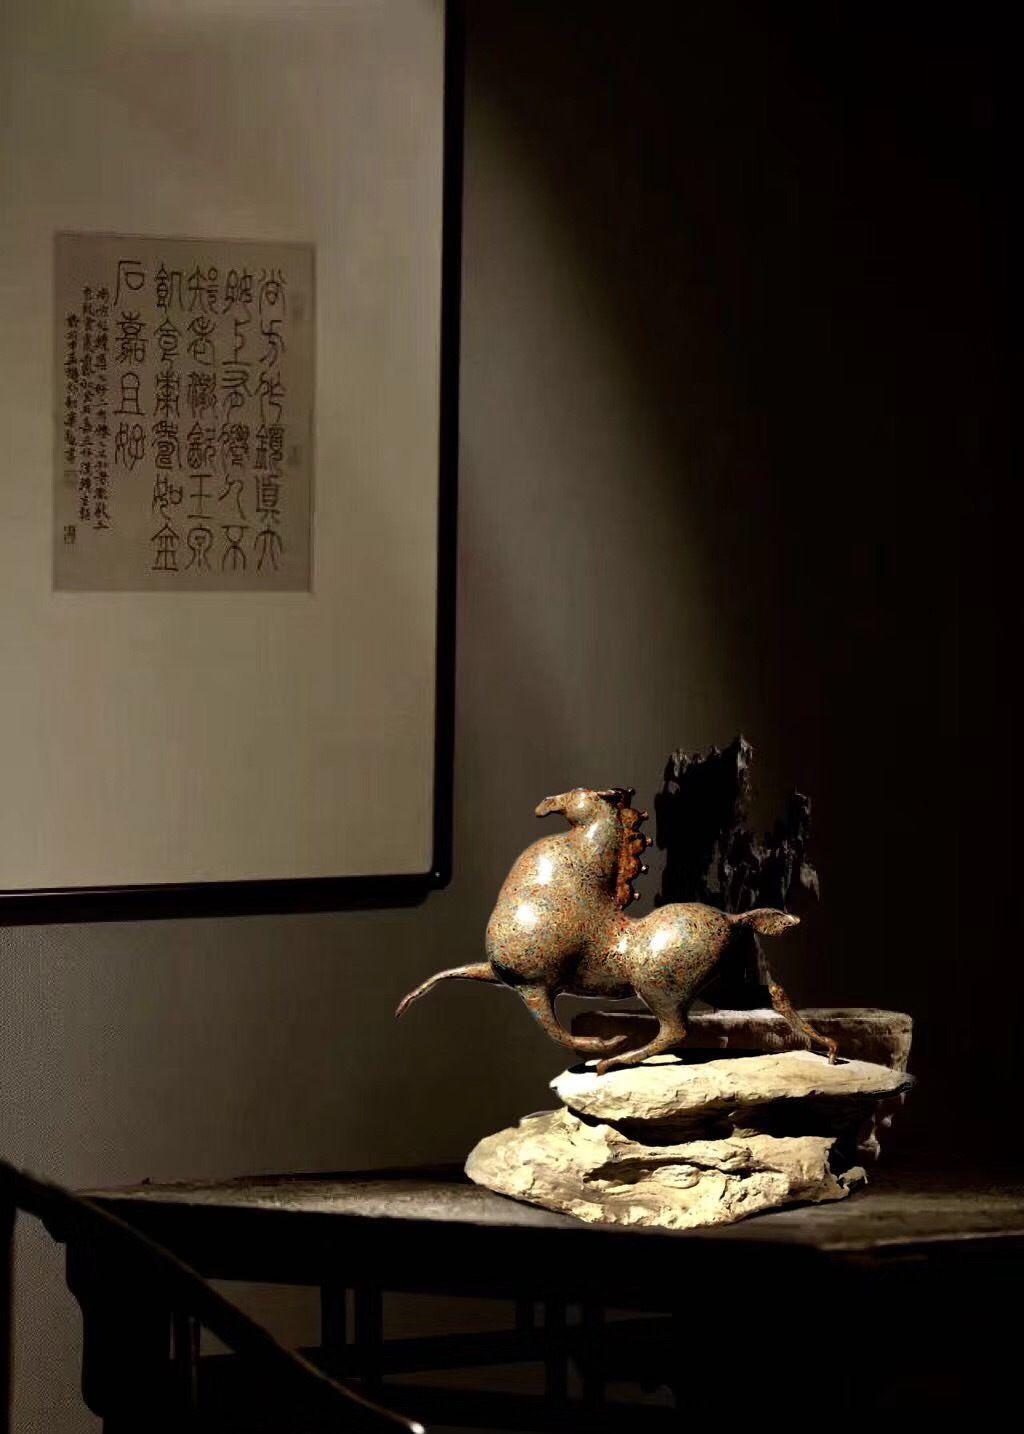 匠心之作中国传统工艺青铜雕刻大漆一马平川